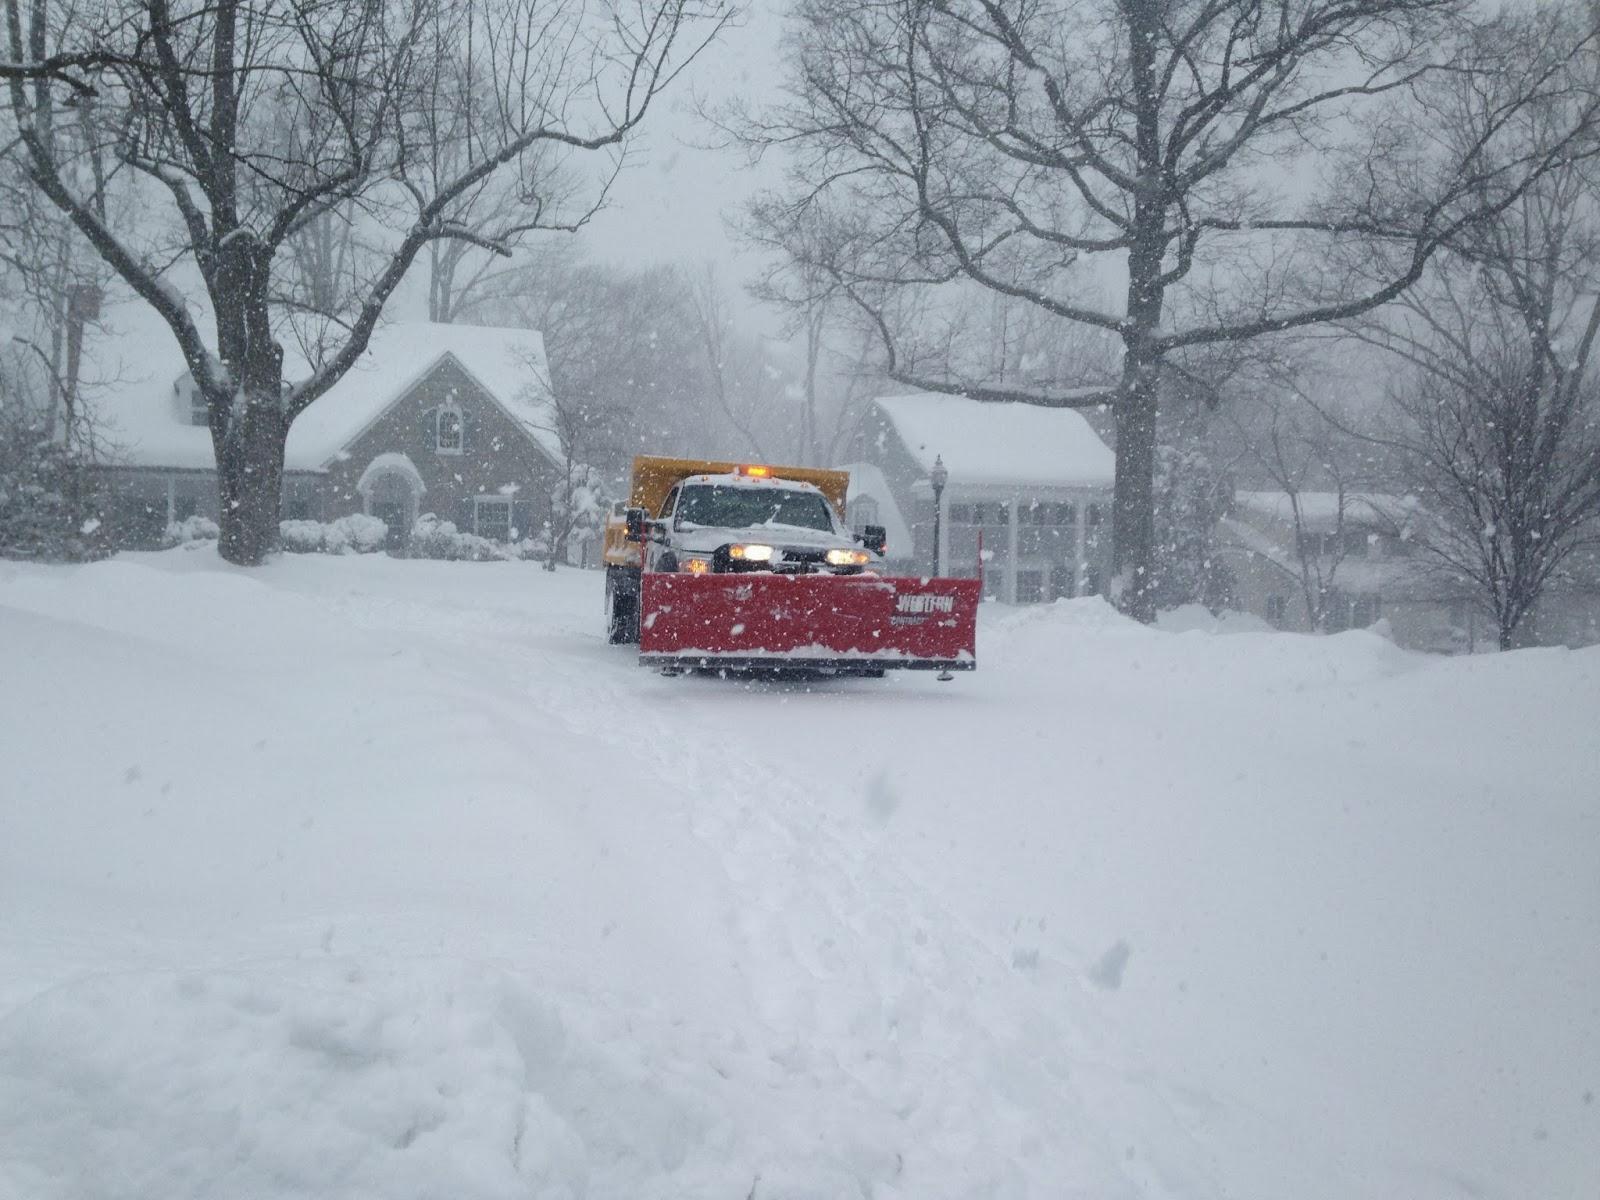 Living in nj winter weather nj winter commute nj real